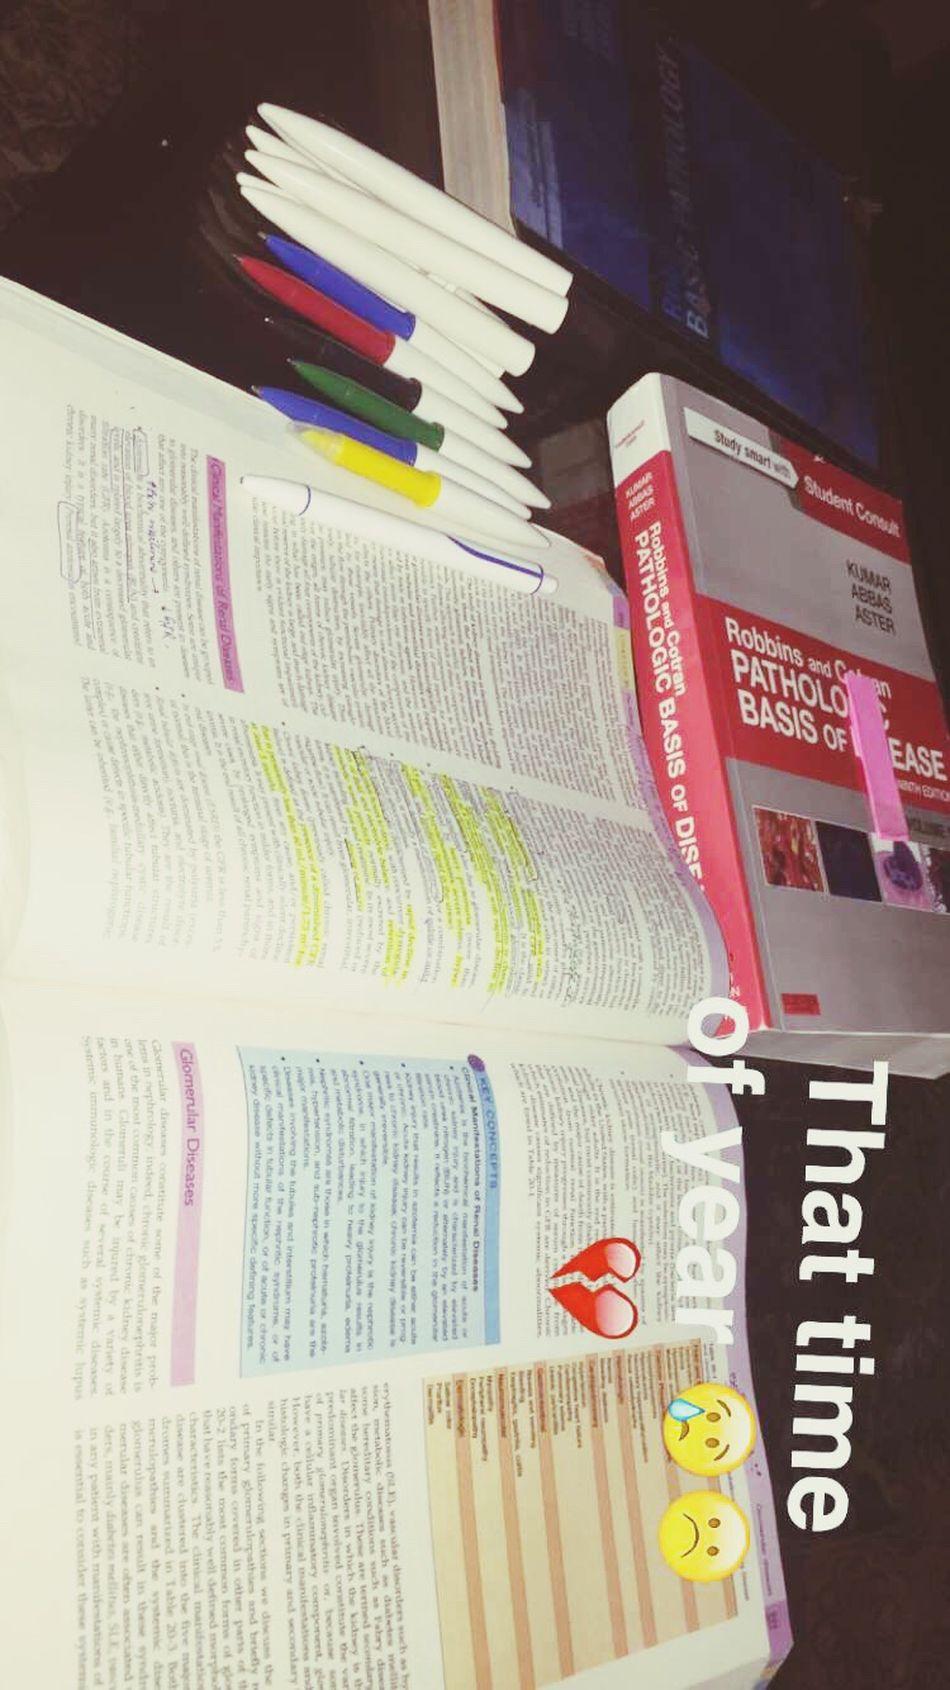 Study Time 😢 Study Hard Hardly Studying 😆😢